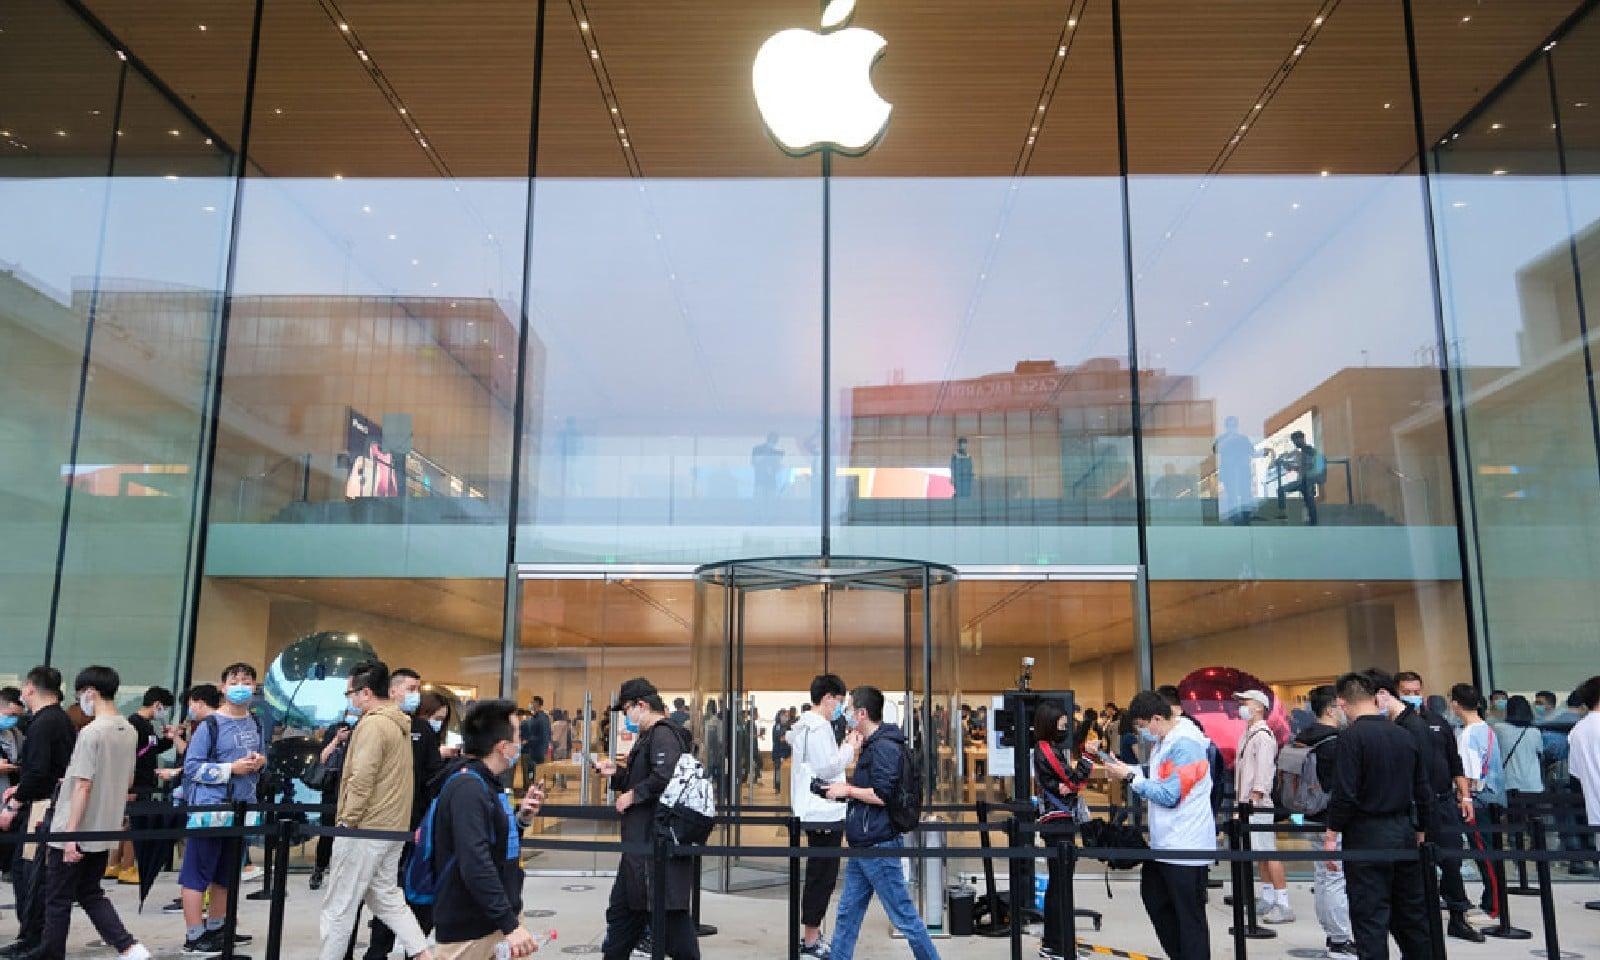 ایپل اسٹور کے باہر کافی رش دیکھنے میں آیا، فوٹو بشکریہ ایپل